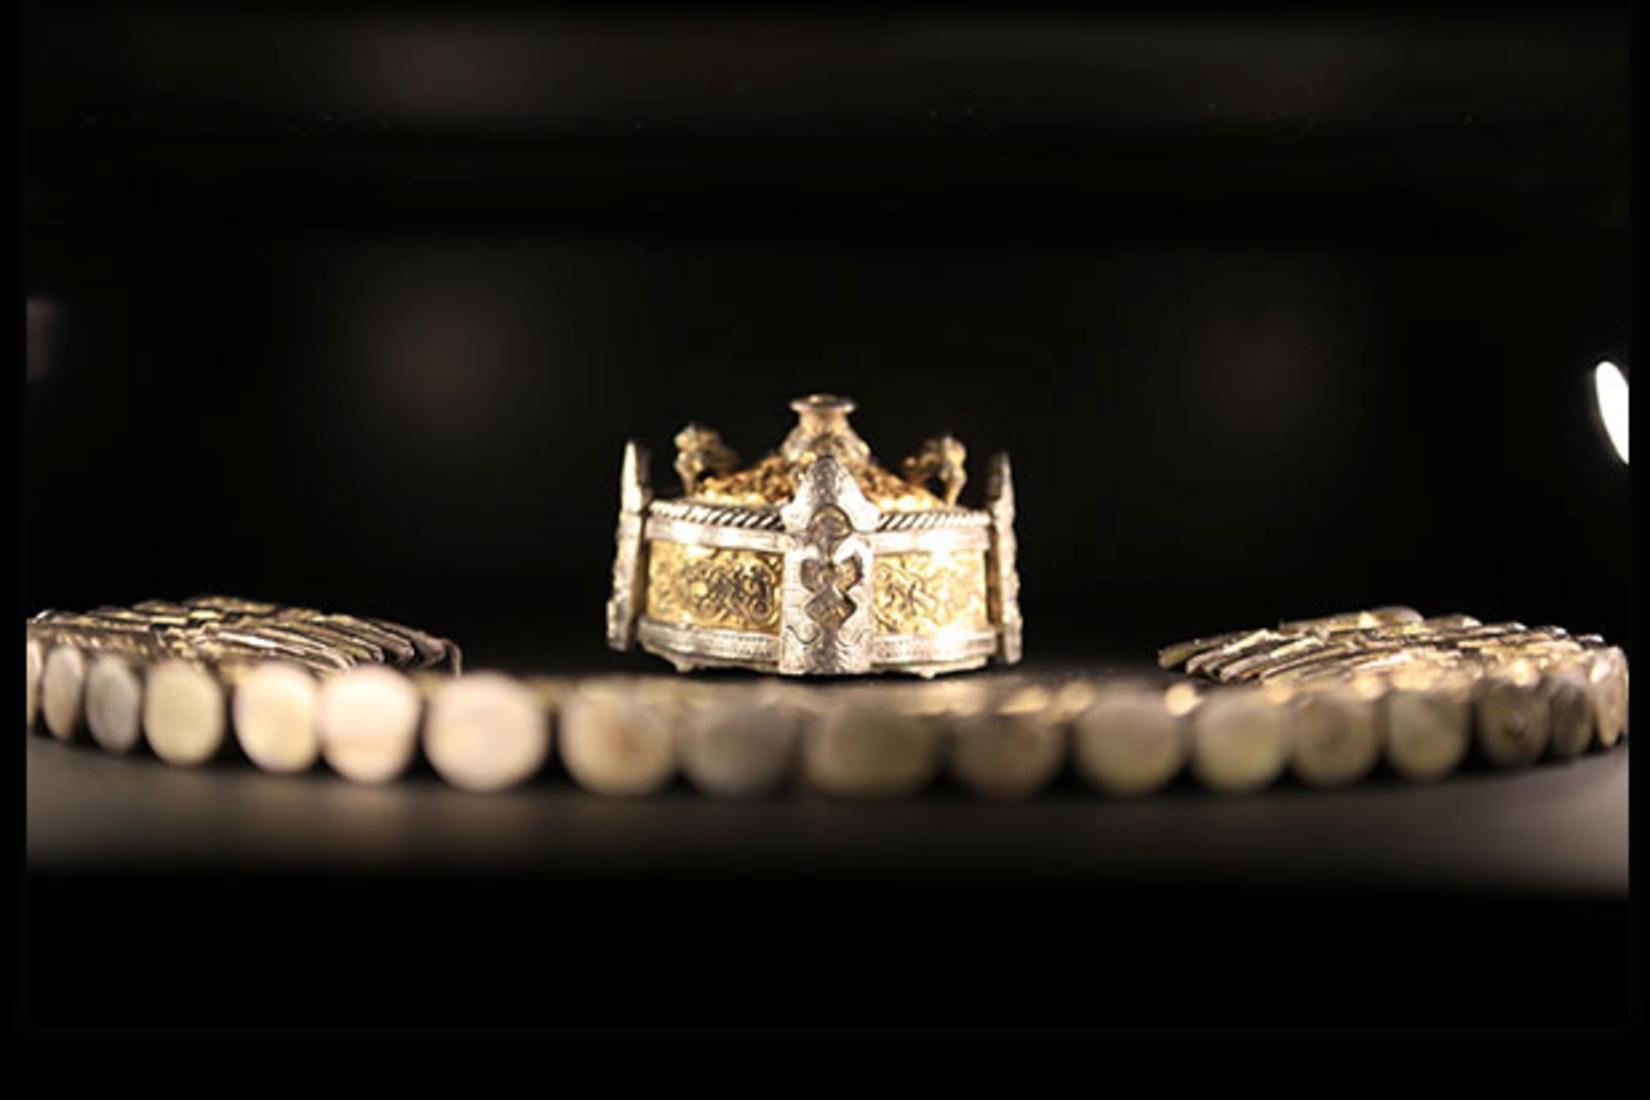 Bijoux et objets anciens présentés dans l'exposition Nous les appelons Vikings